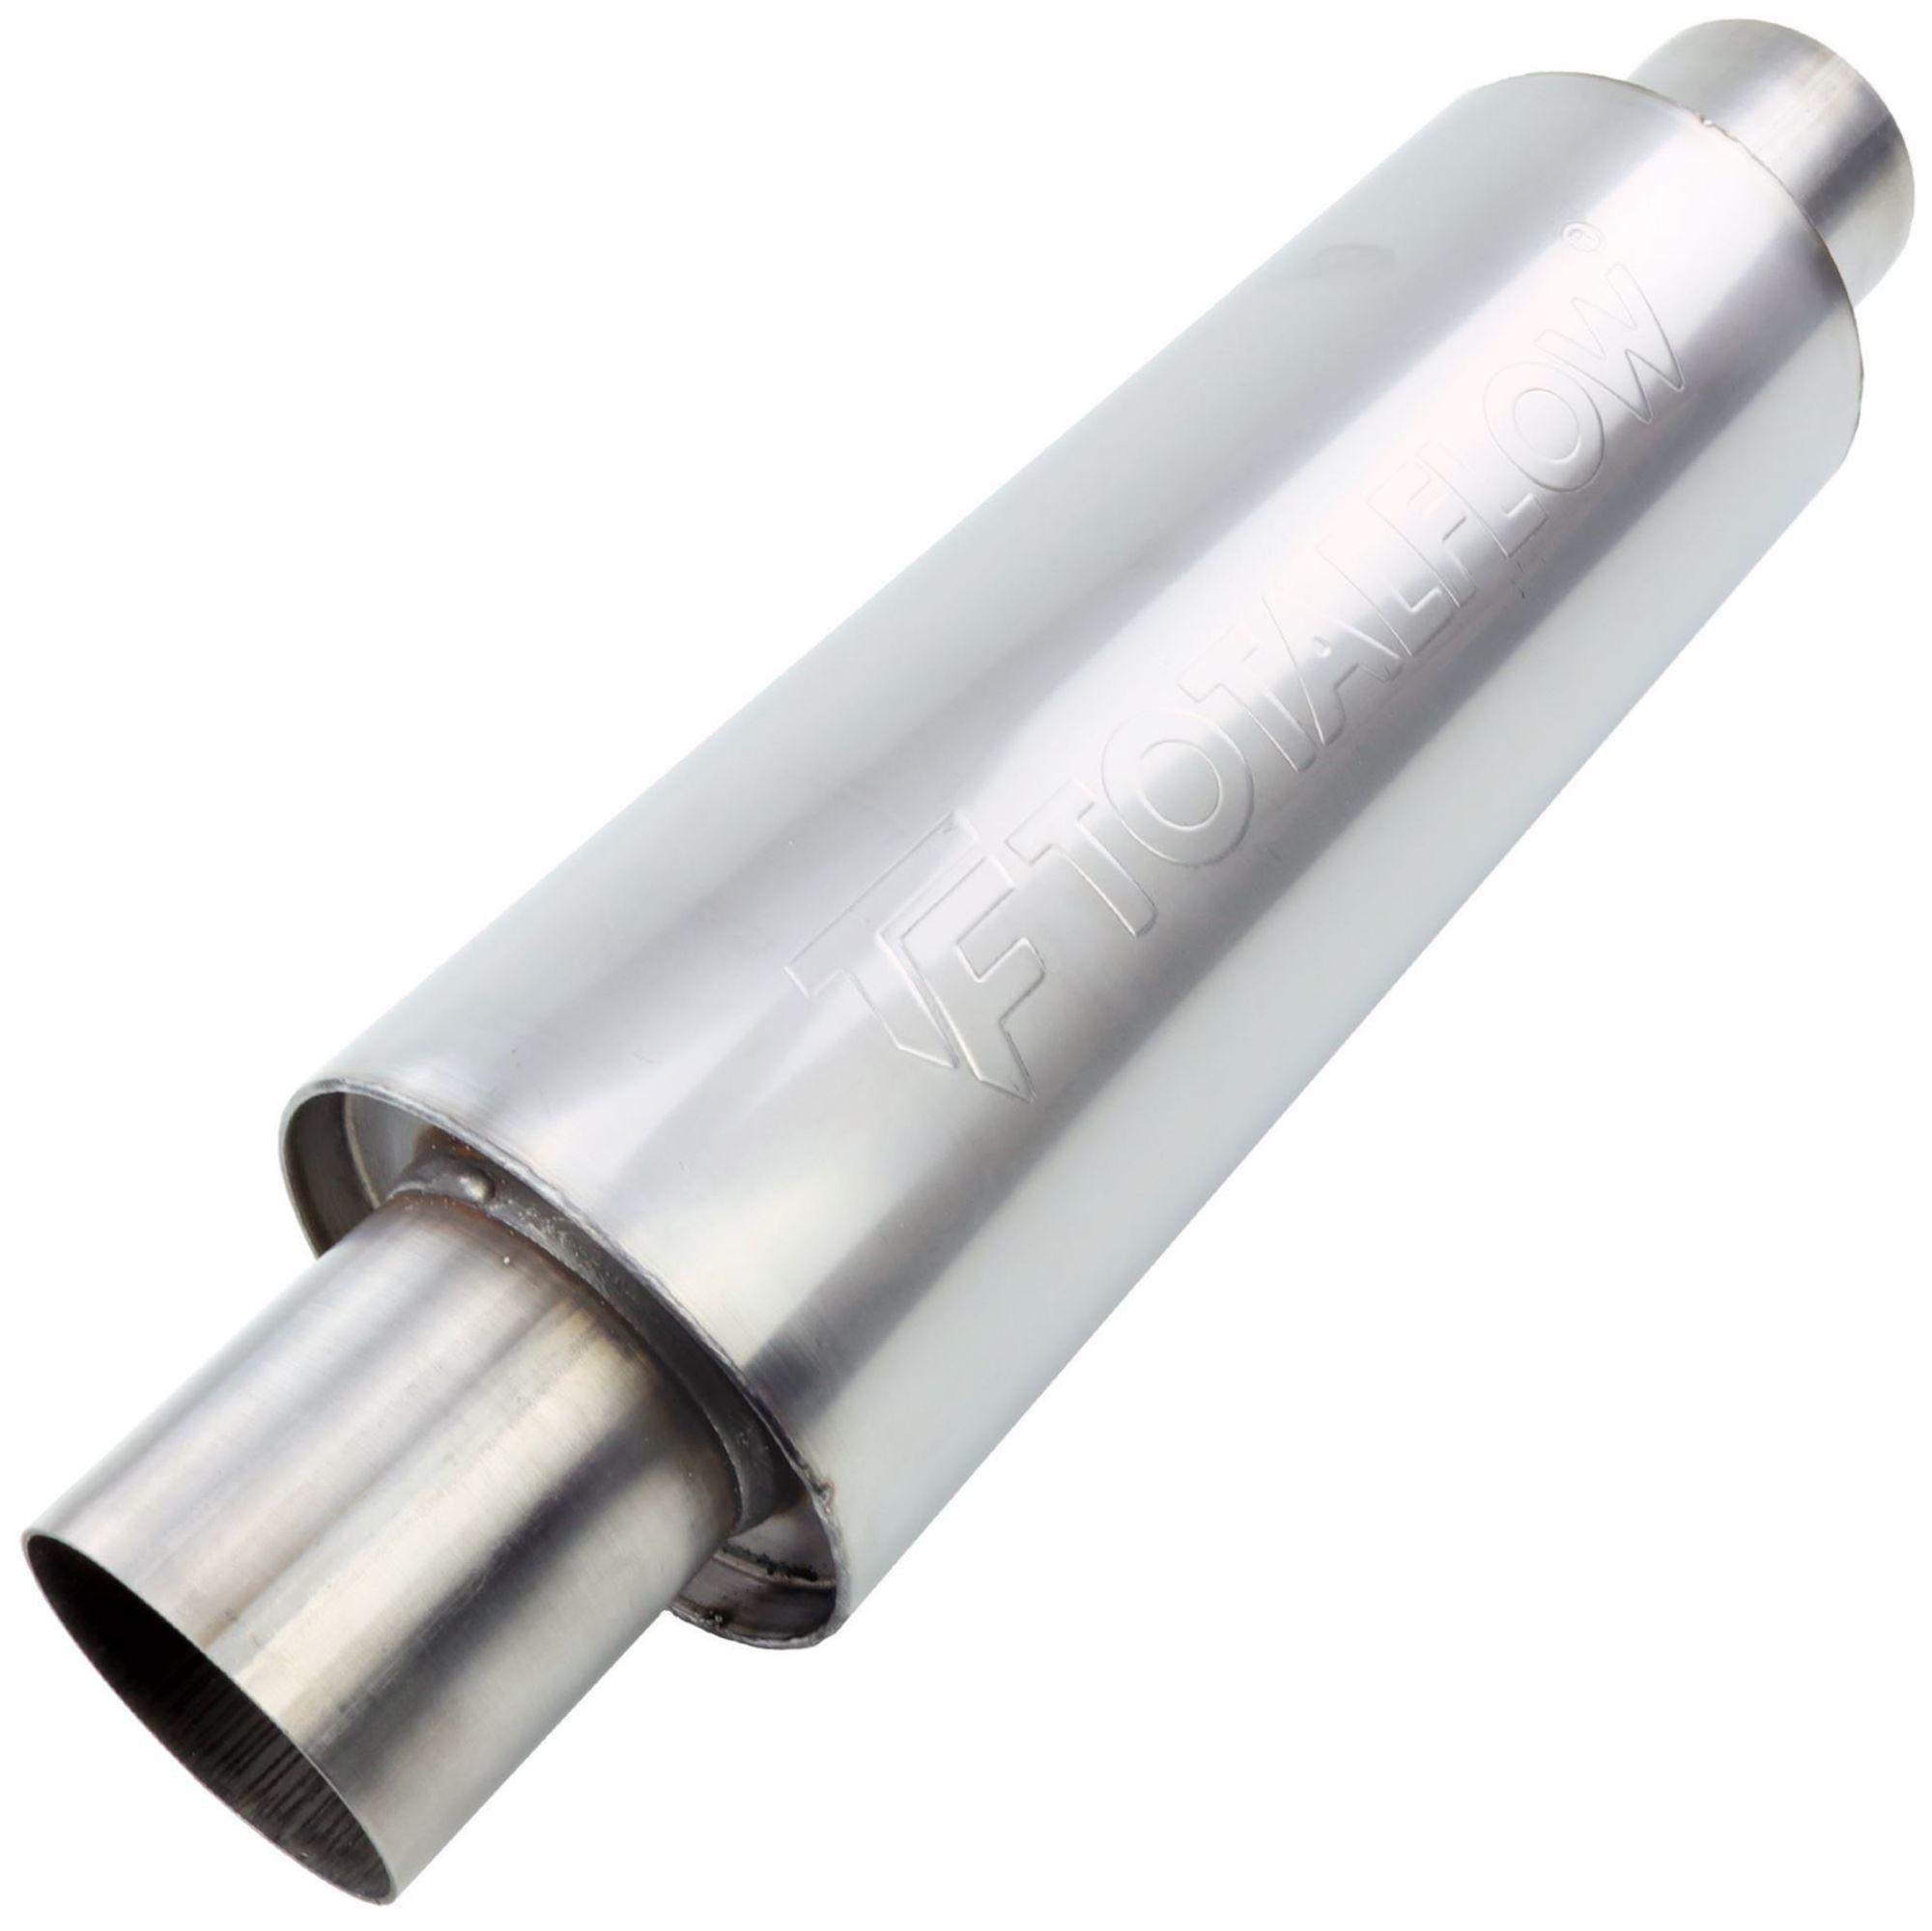 TOTALFLOW 22421 Straight Through Universal Exhaust Muffler - 4 Inch ID